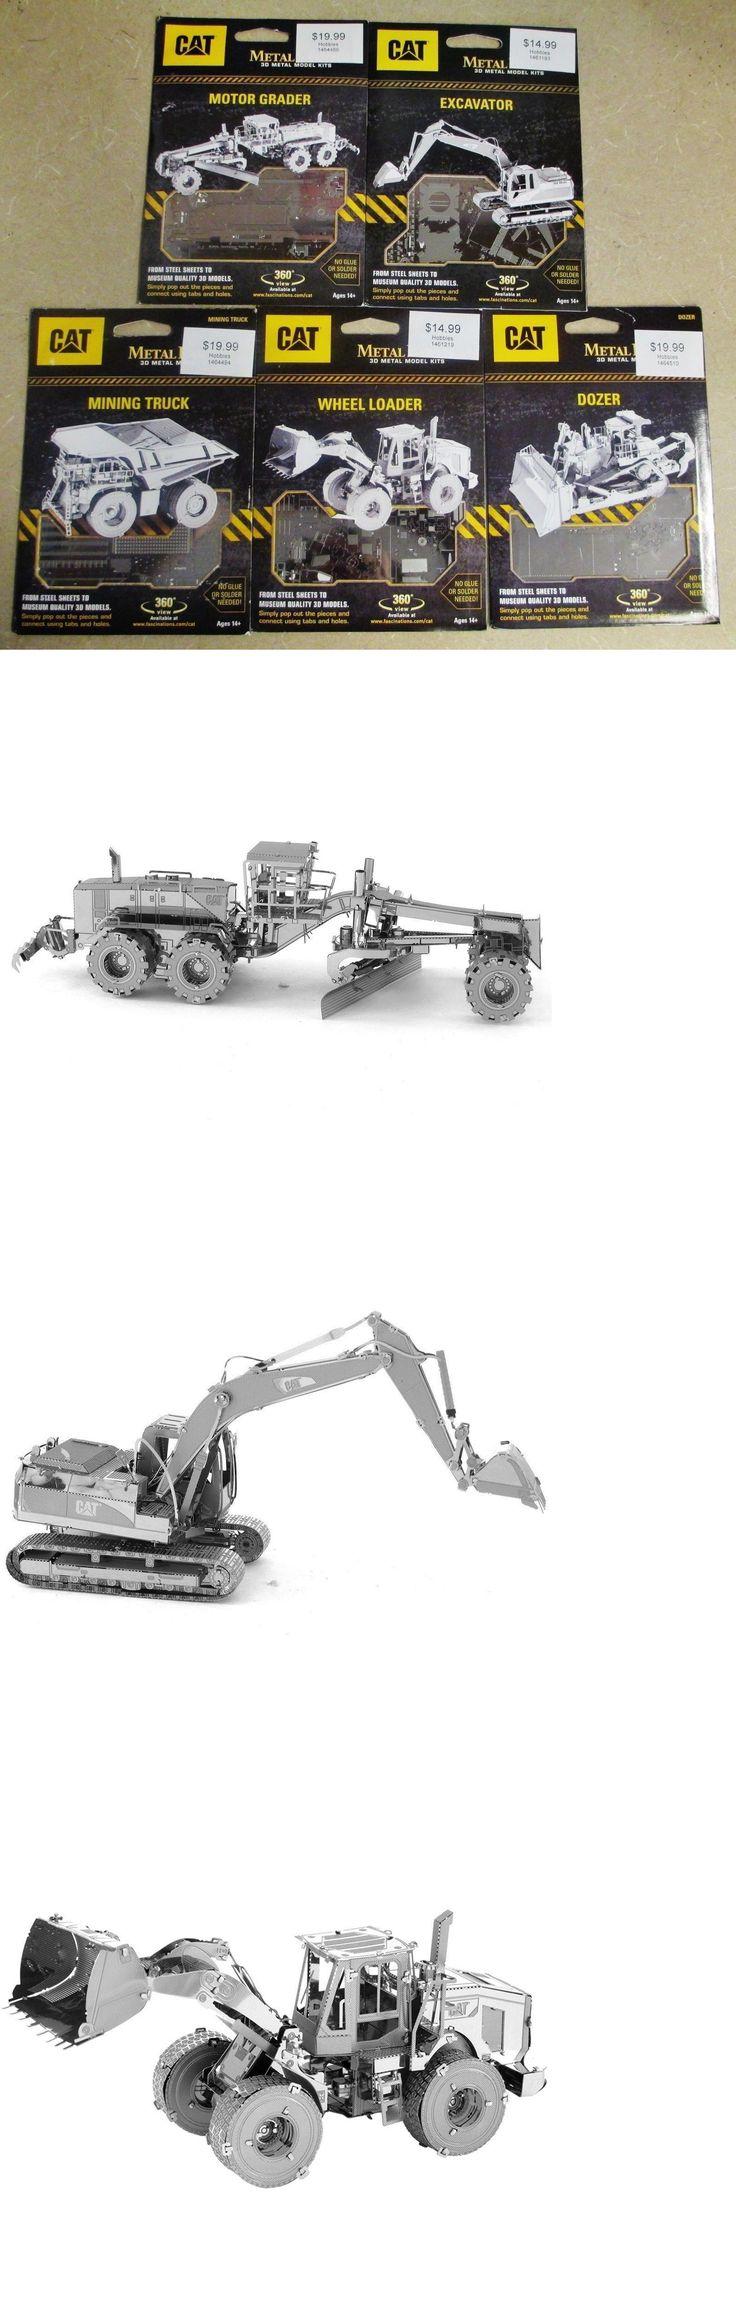 Other Models and Kits 774: Set Of 5 Metal Earth 3D Laser Cut Models Cat Grader,Dozer,Excavator,Loader Truck -> BUY IT NOW ONLY: $43 on eBay!